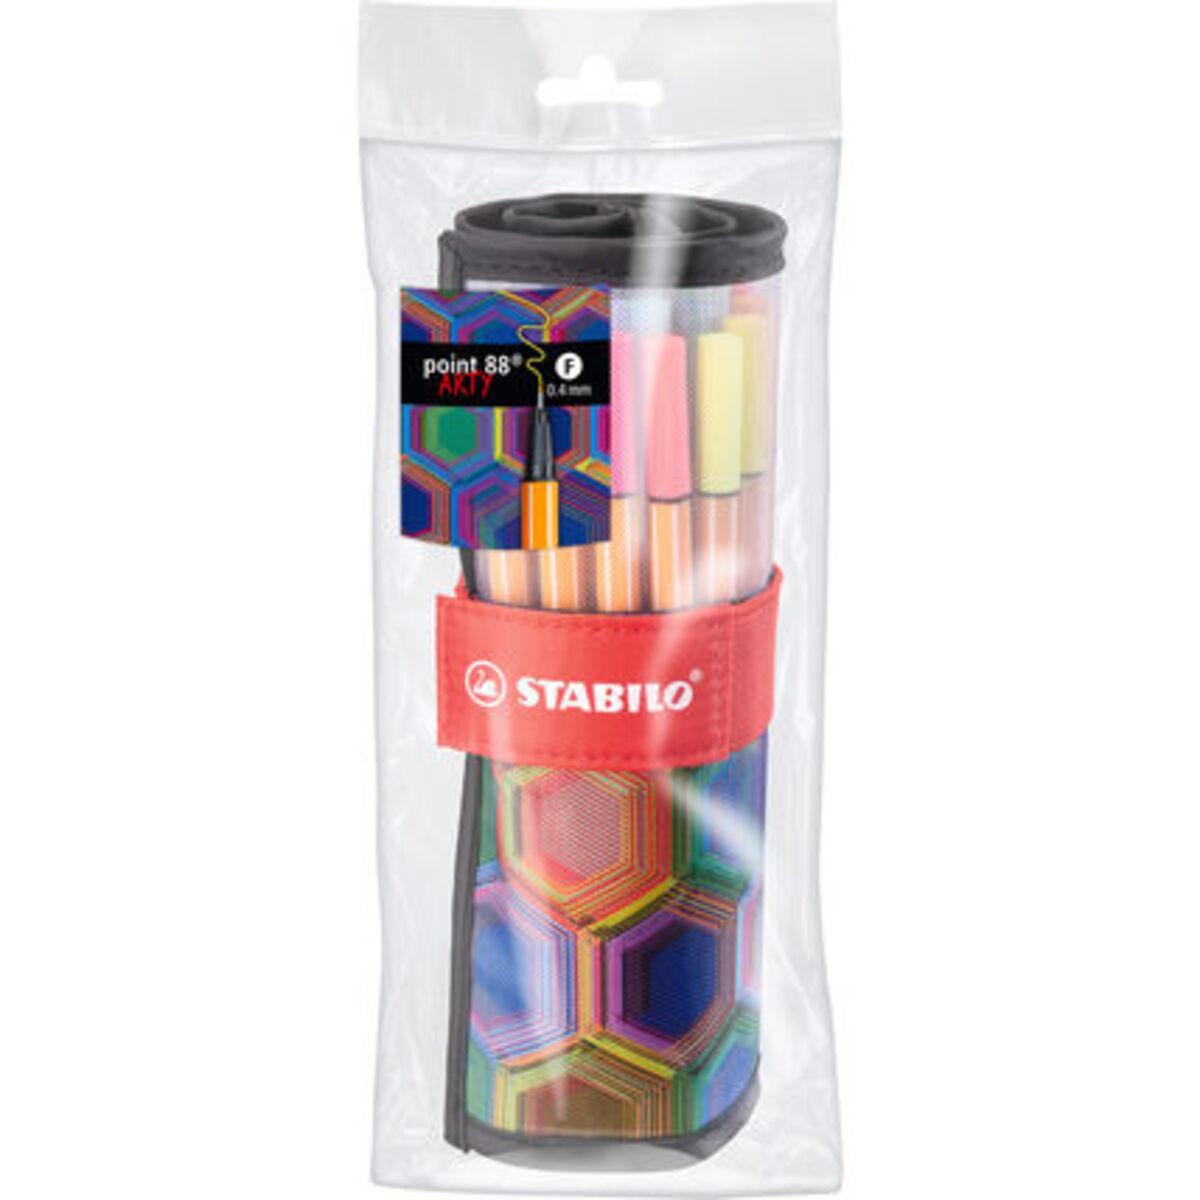 """Bild 2 von Stabilo Fineliner point 88®Rollerset """"ARTY"""", 25 Farben"""